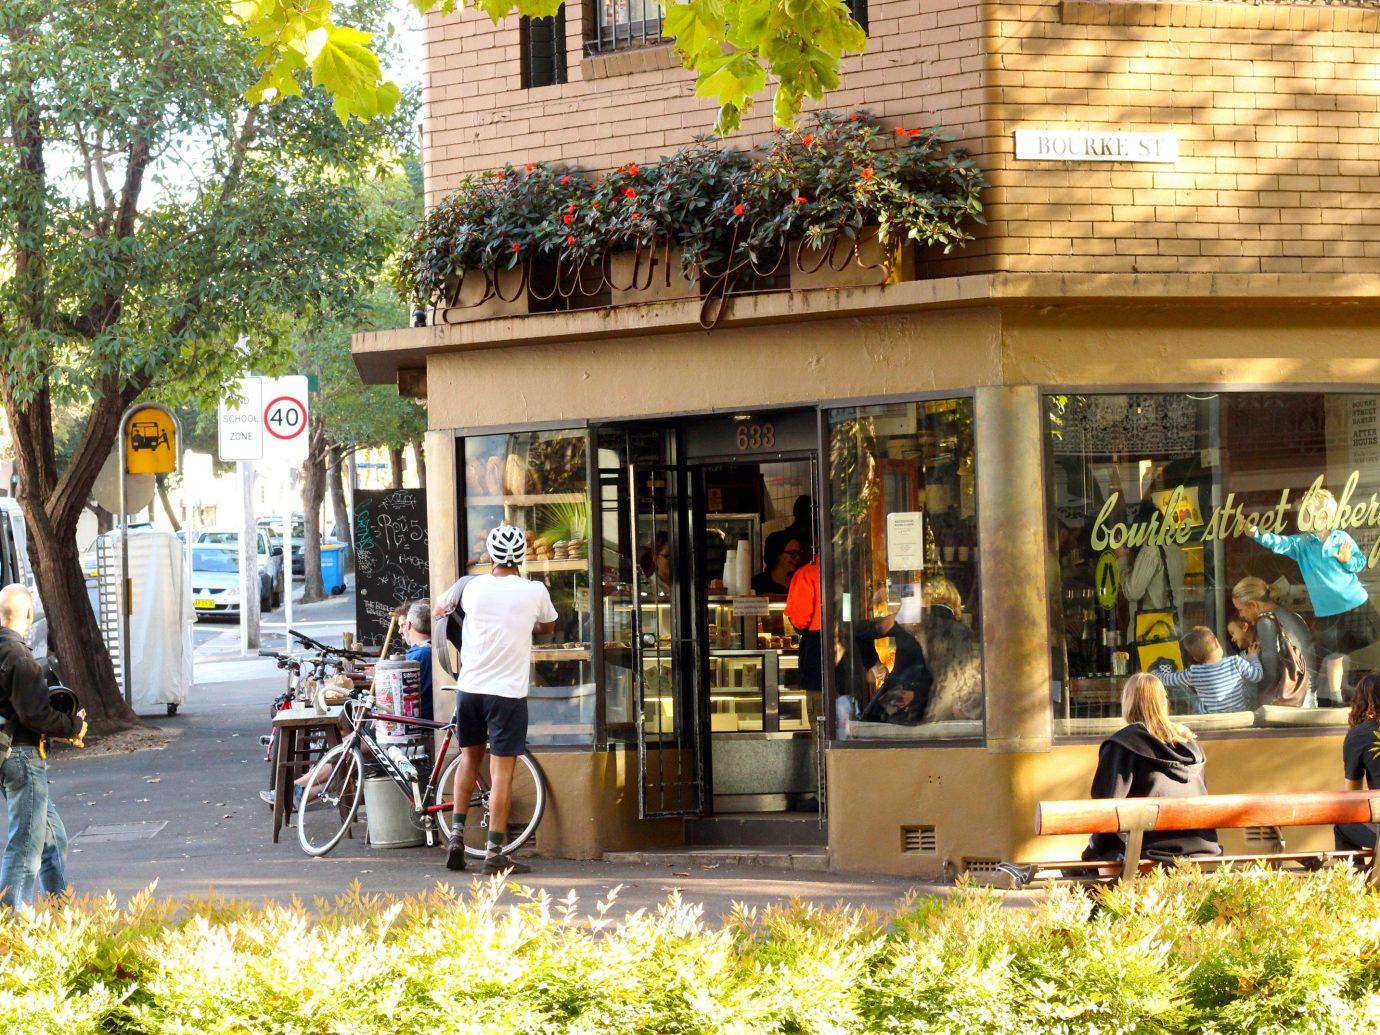 Trip Ideas outdoor tree Town neighbourhood City road urban area human settlement tourism street Downtown restaurant